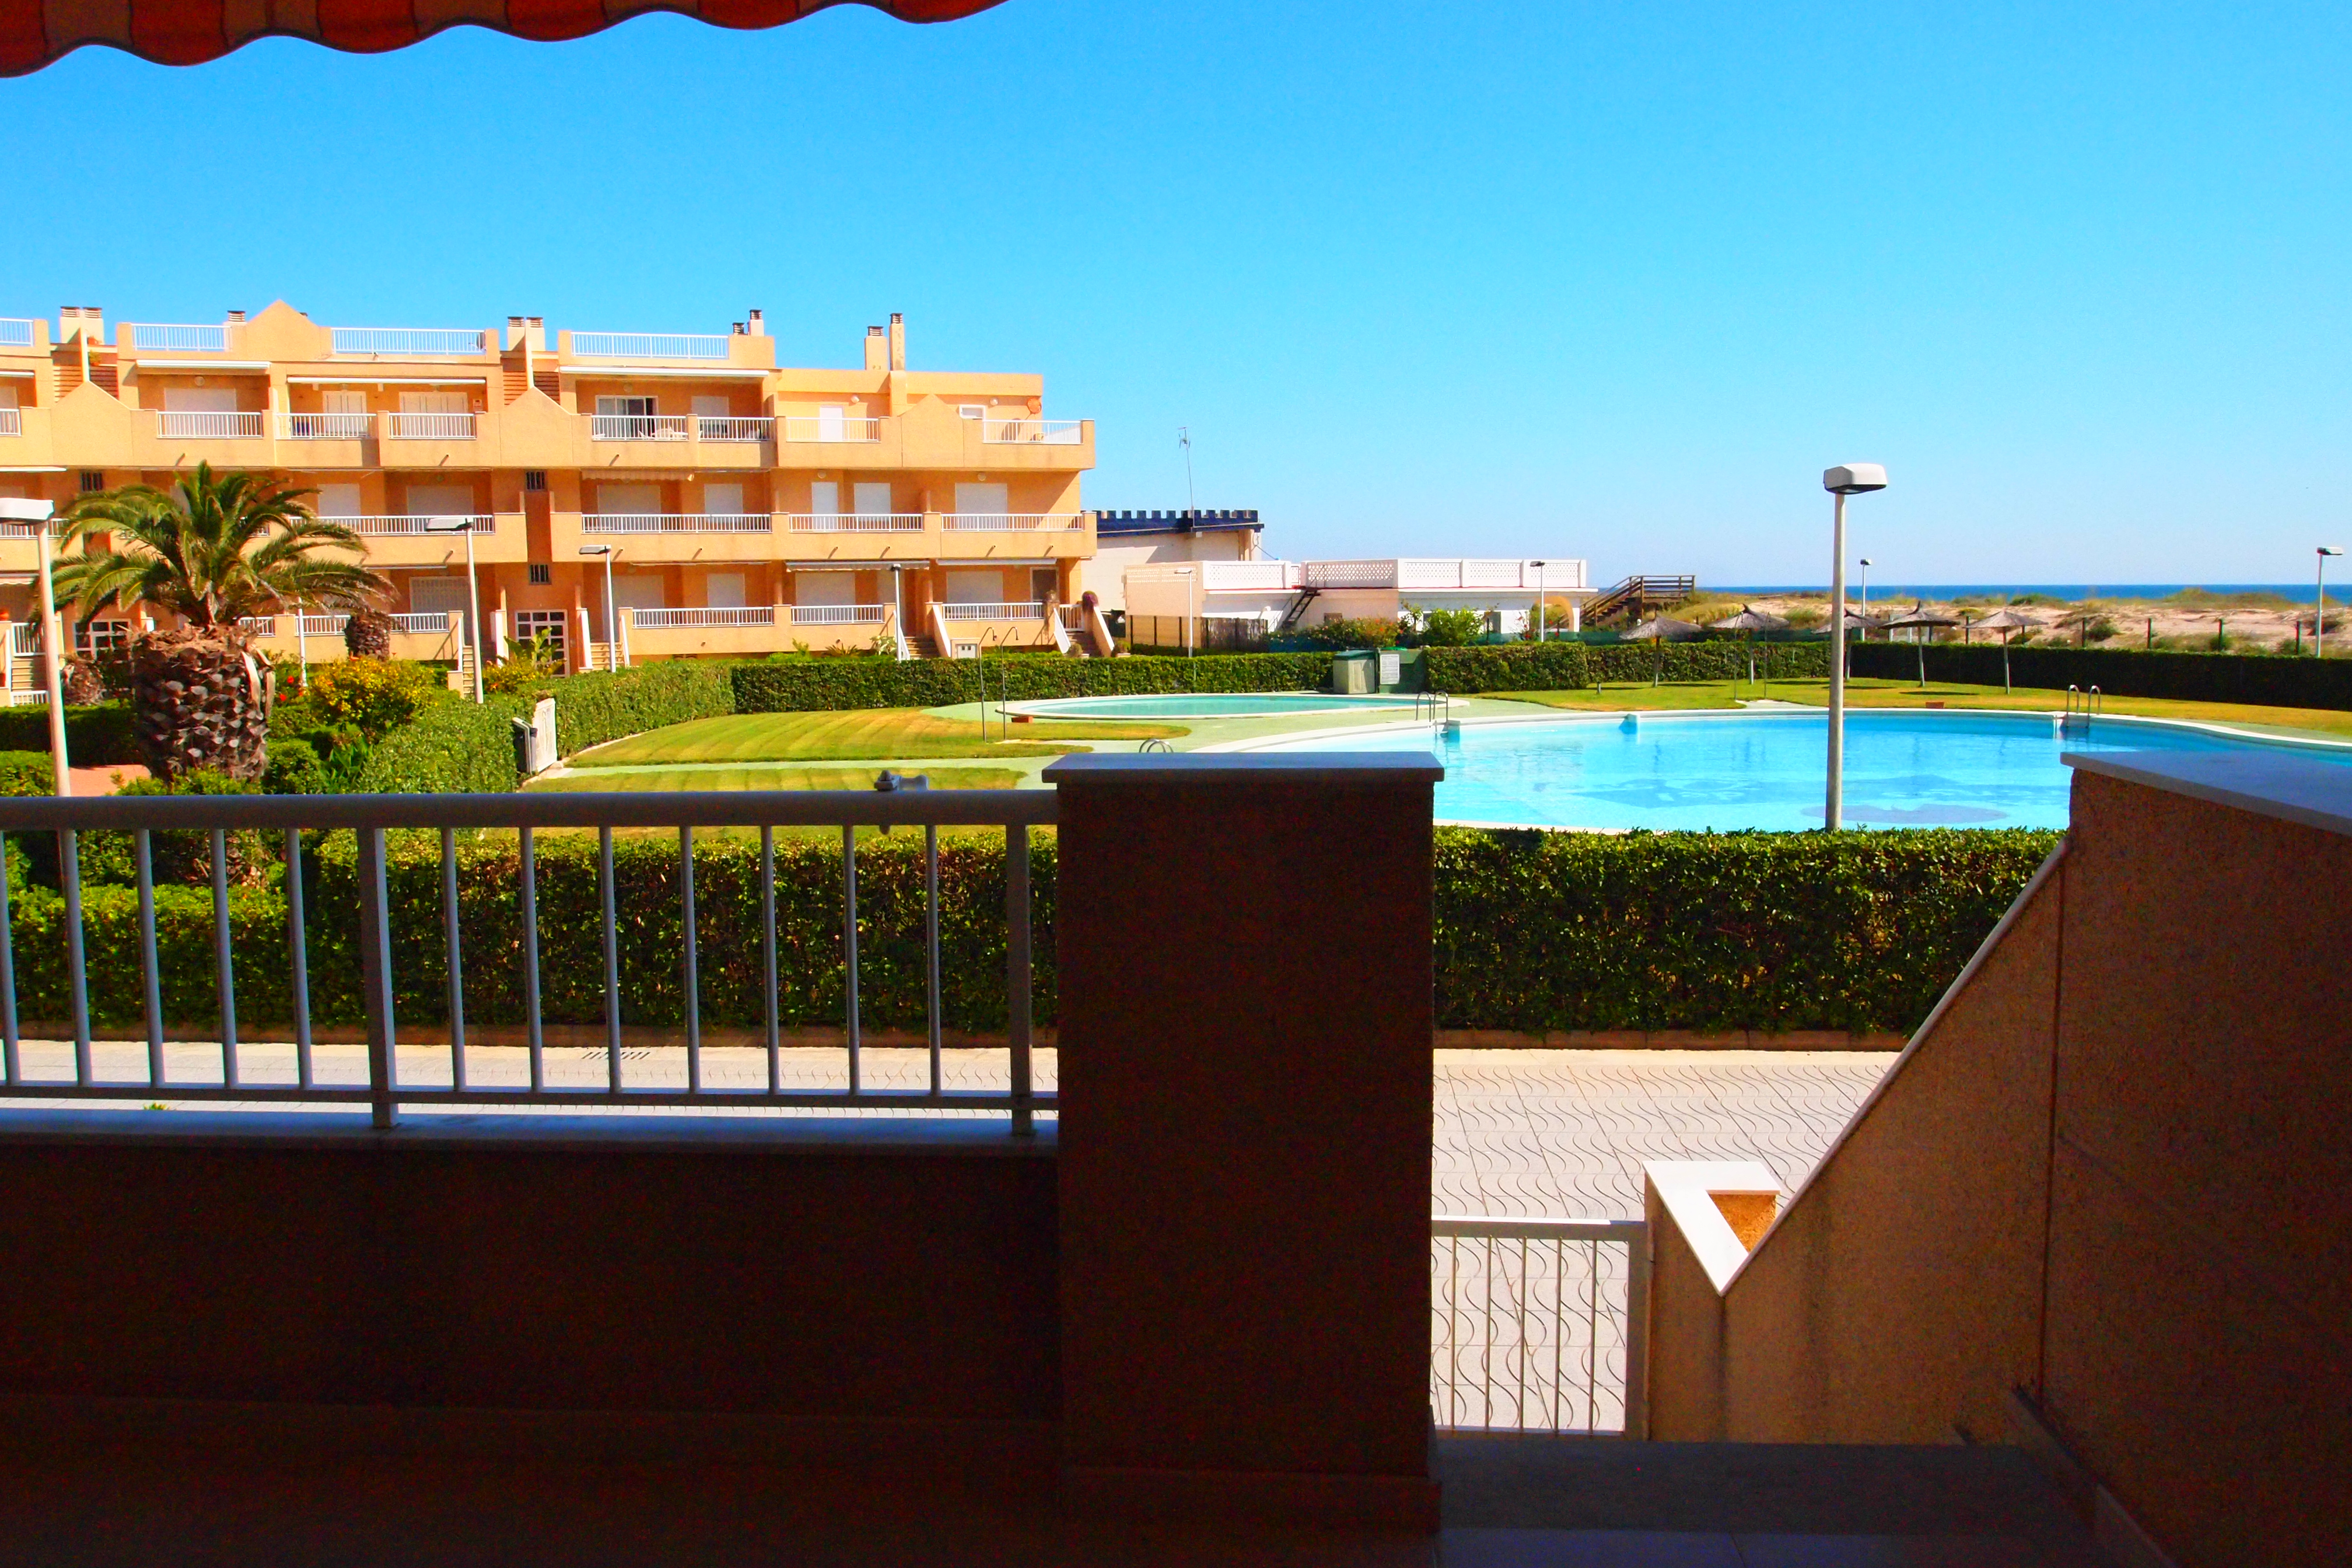 Venta 3 habitaciones cullera valencia espana arenas del dosel - Venta apartamentos playa cullera ...